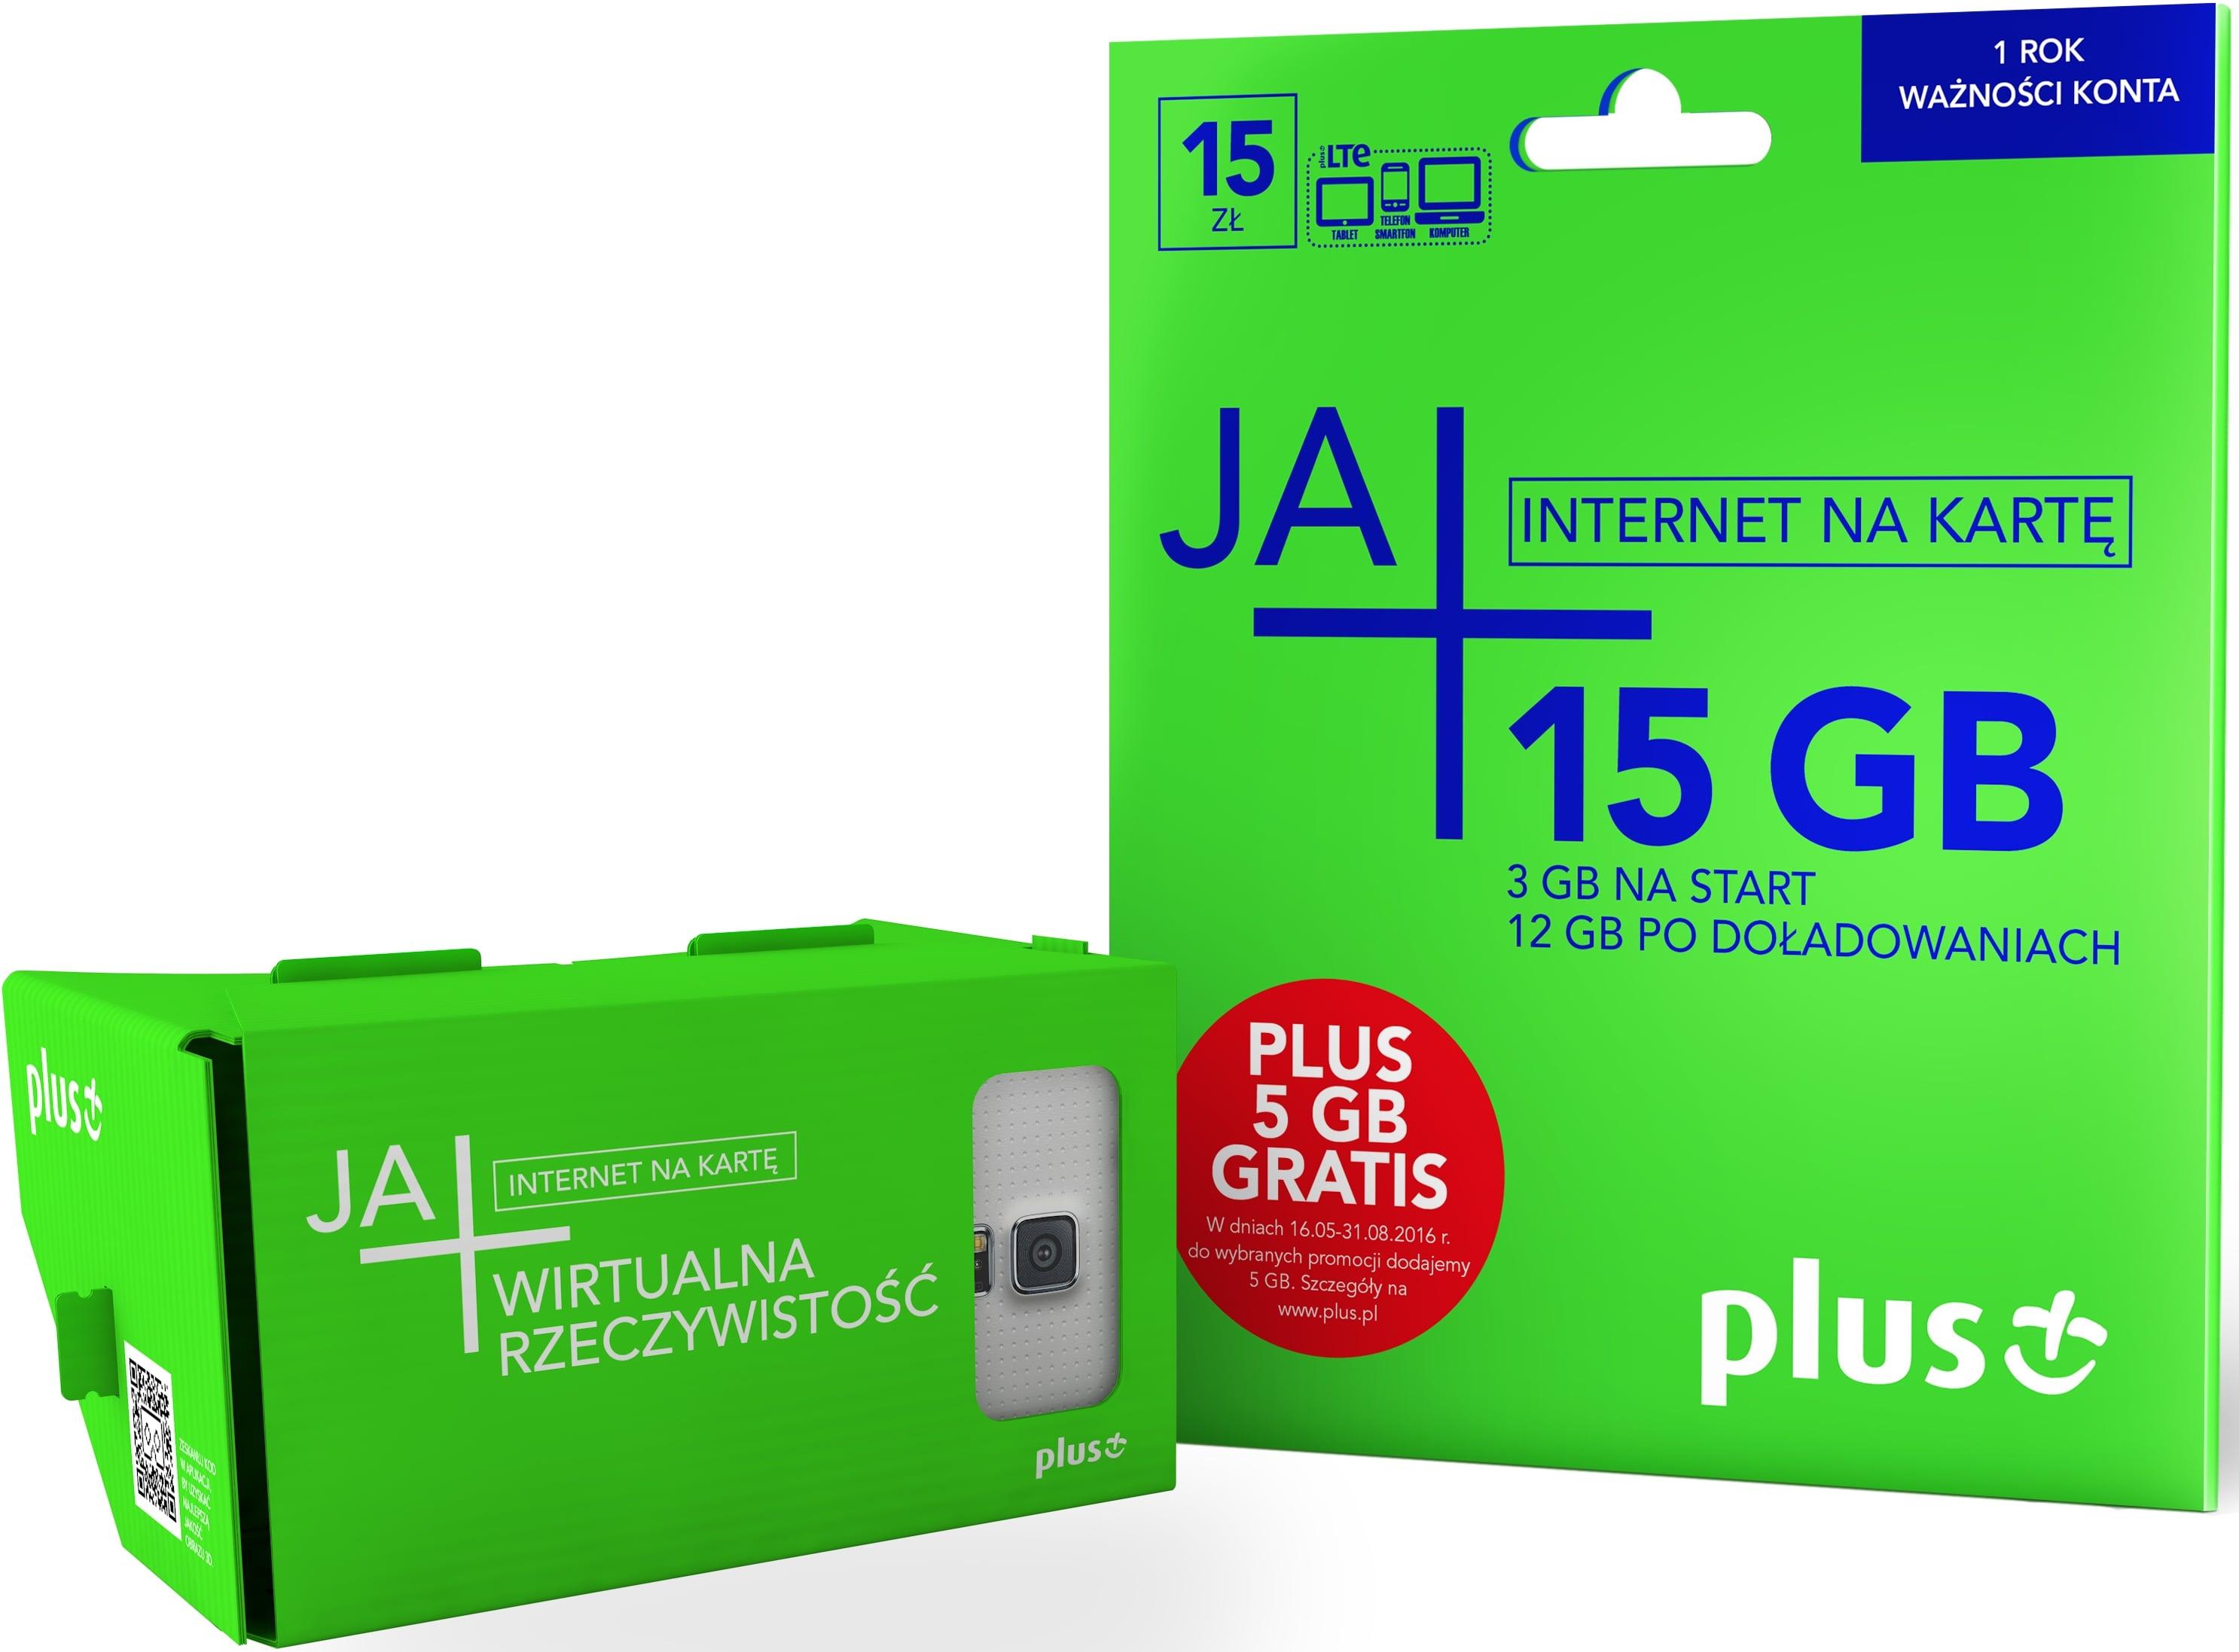 Kup starter Plusa za 15 złotych, a gogle VR dostaniesz gratis 23